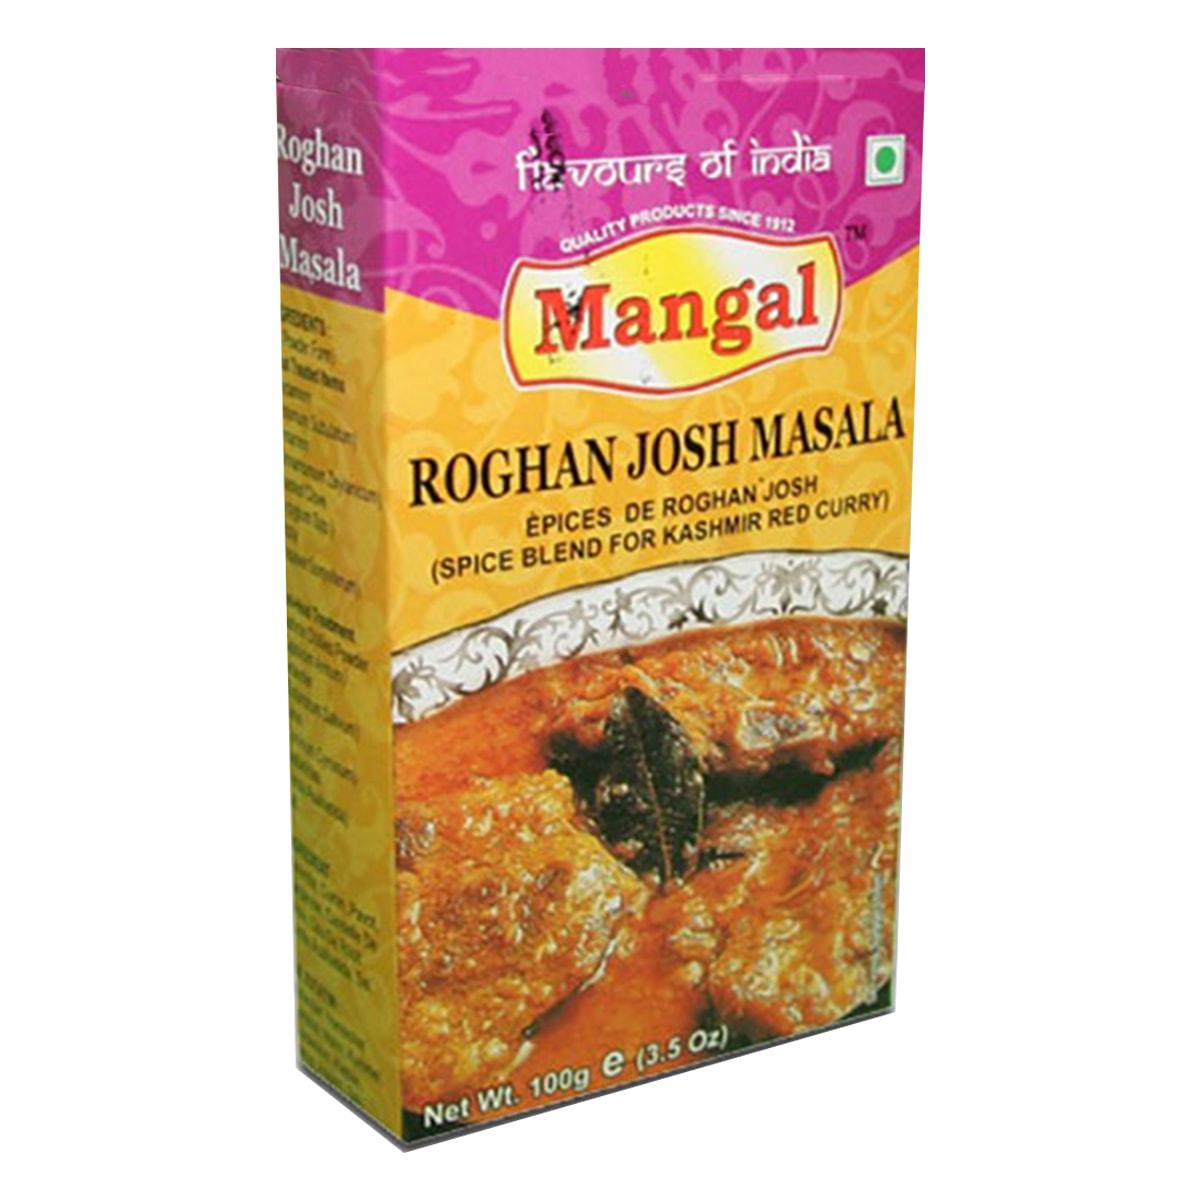 Buy Mangal Rogan Josh Masala - 50 gm